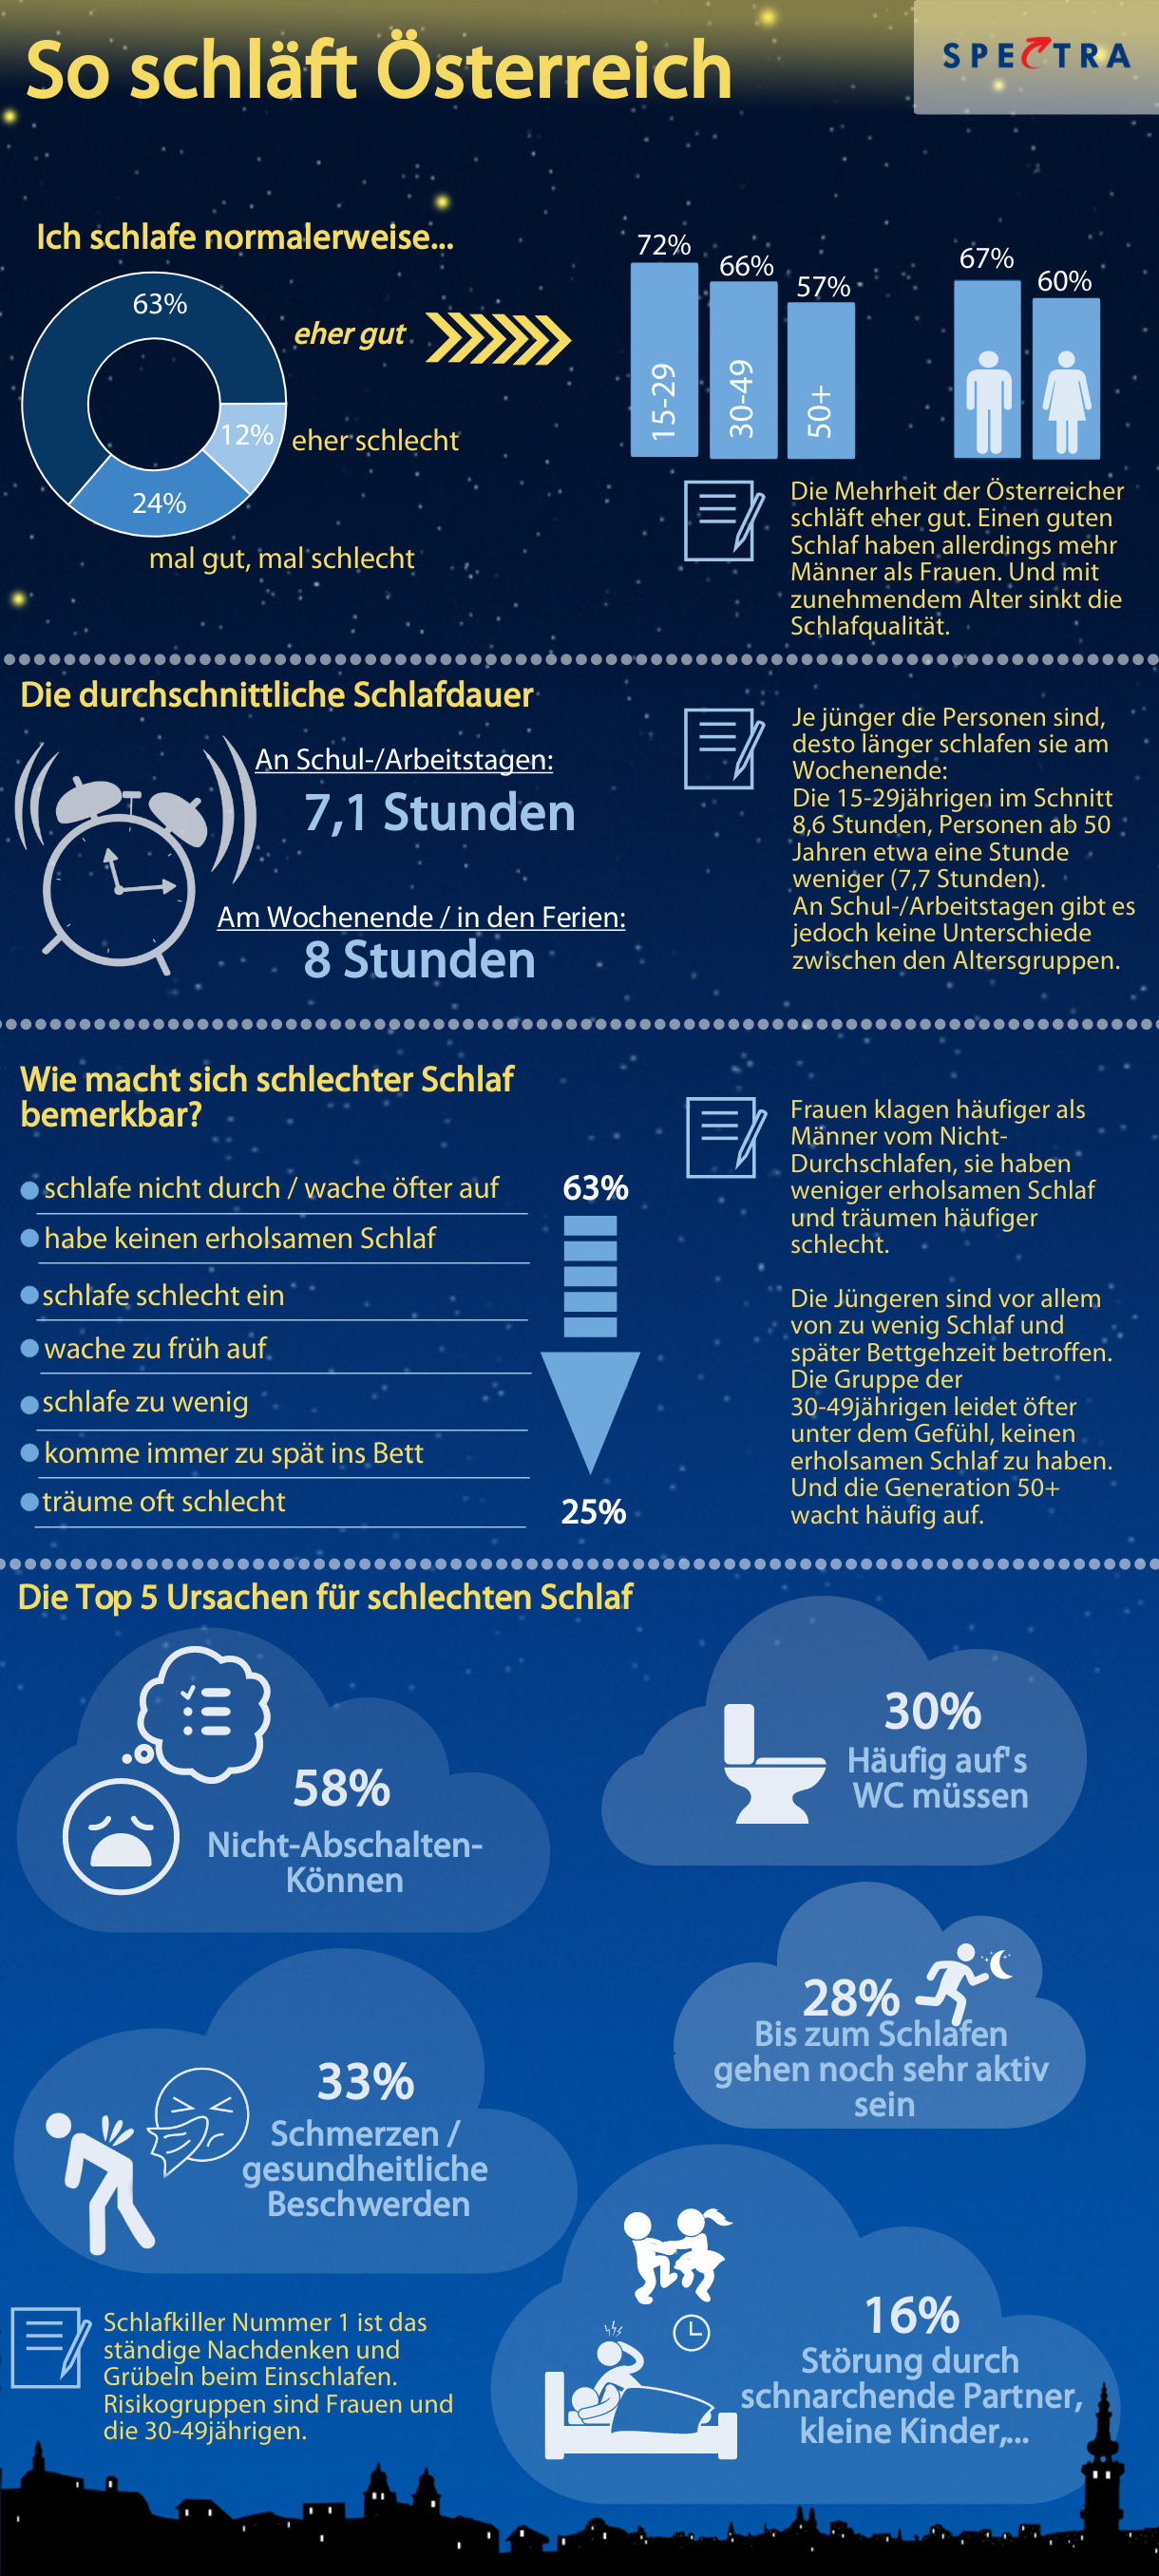 So gut schläft Österreich Infografik